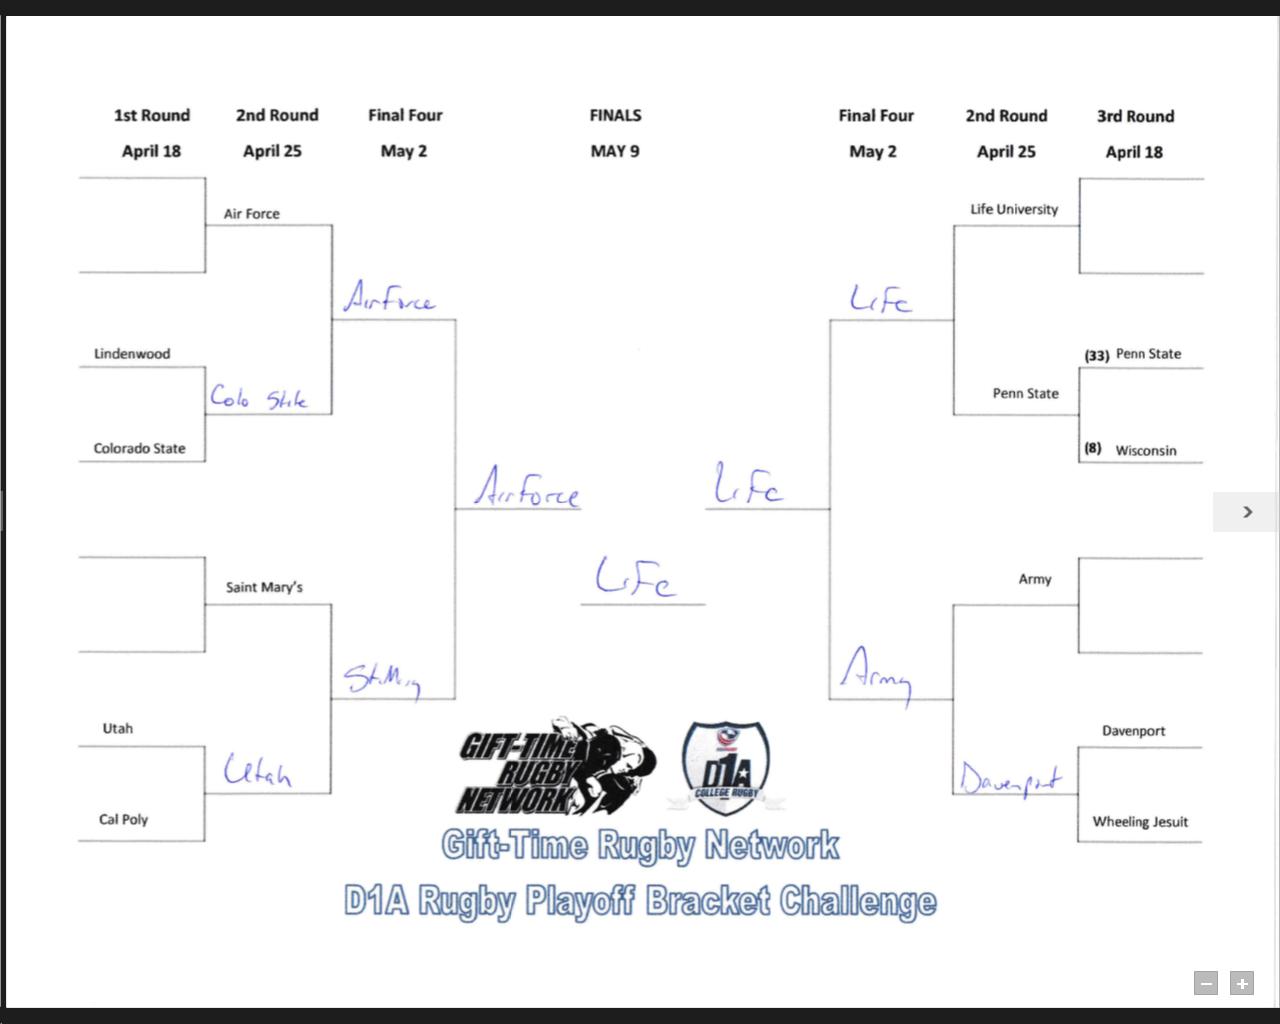 Jason Mapp - Round 1